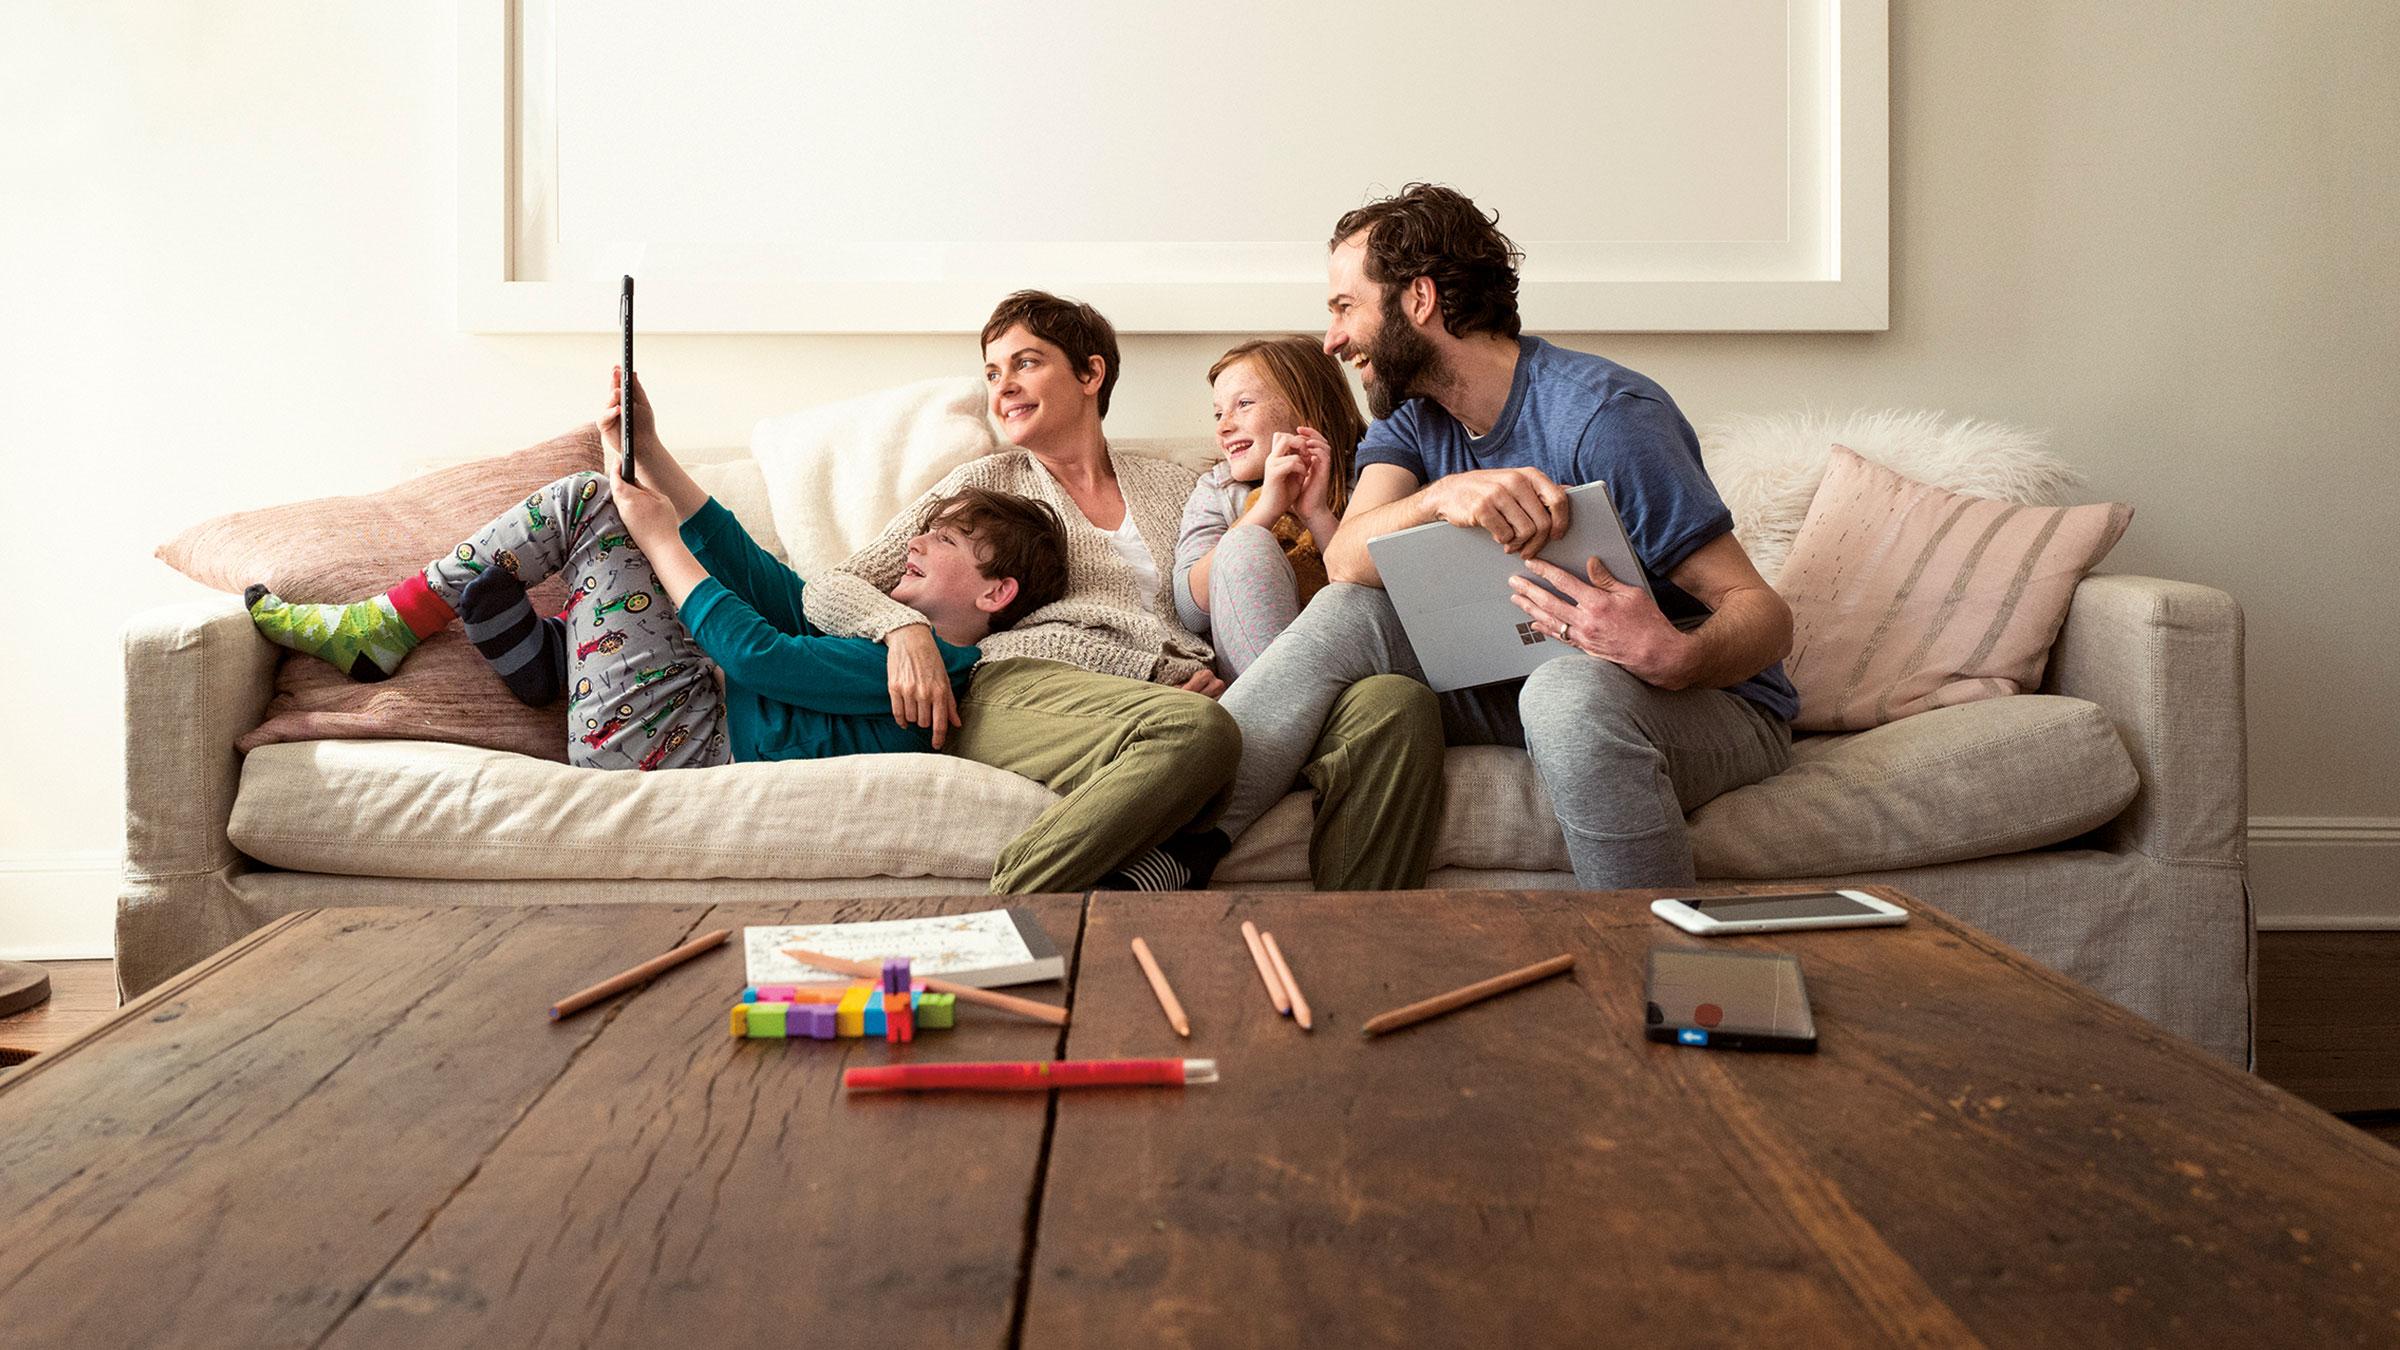 Οικογένεια σε καναπέ που κοιτάζει μια συσκευή Microsoft Surface Pro